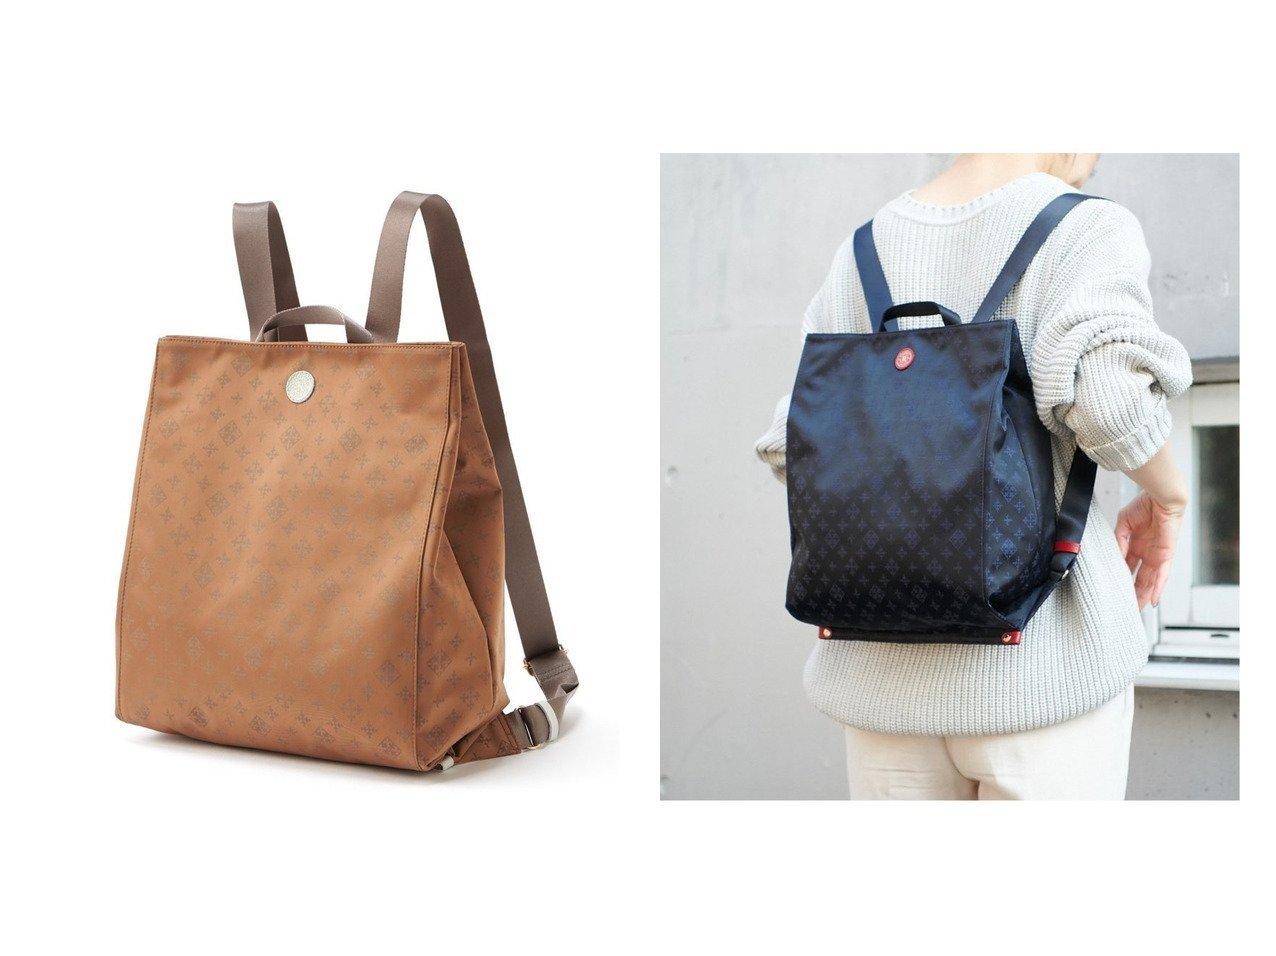 【russet/ラシット】のたためるリュックサック(CE-804) 【バッグ・鞄】おすすめ!人気、トレンド・レディースファッションの通販    レディースファッション・服の通販 founy(ファニー)